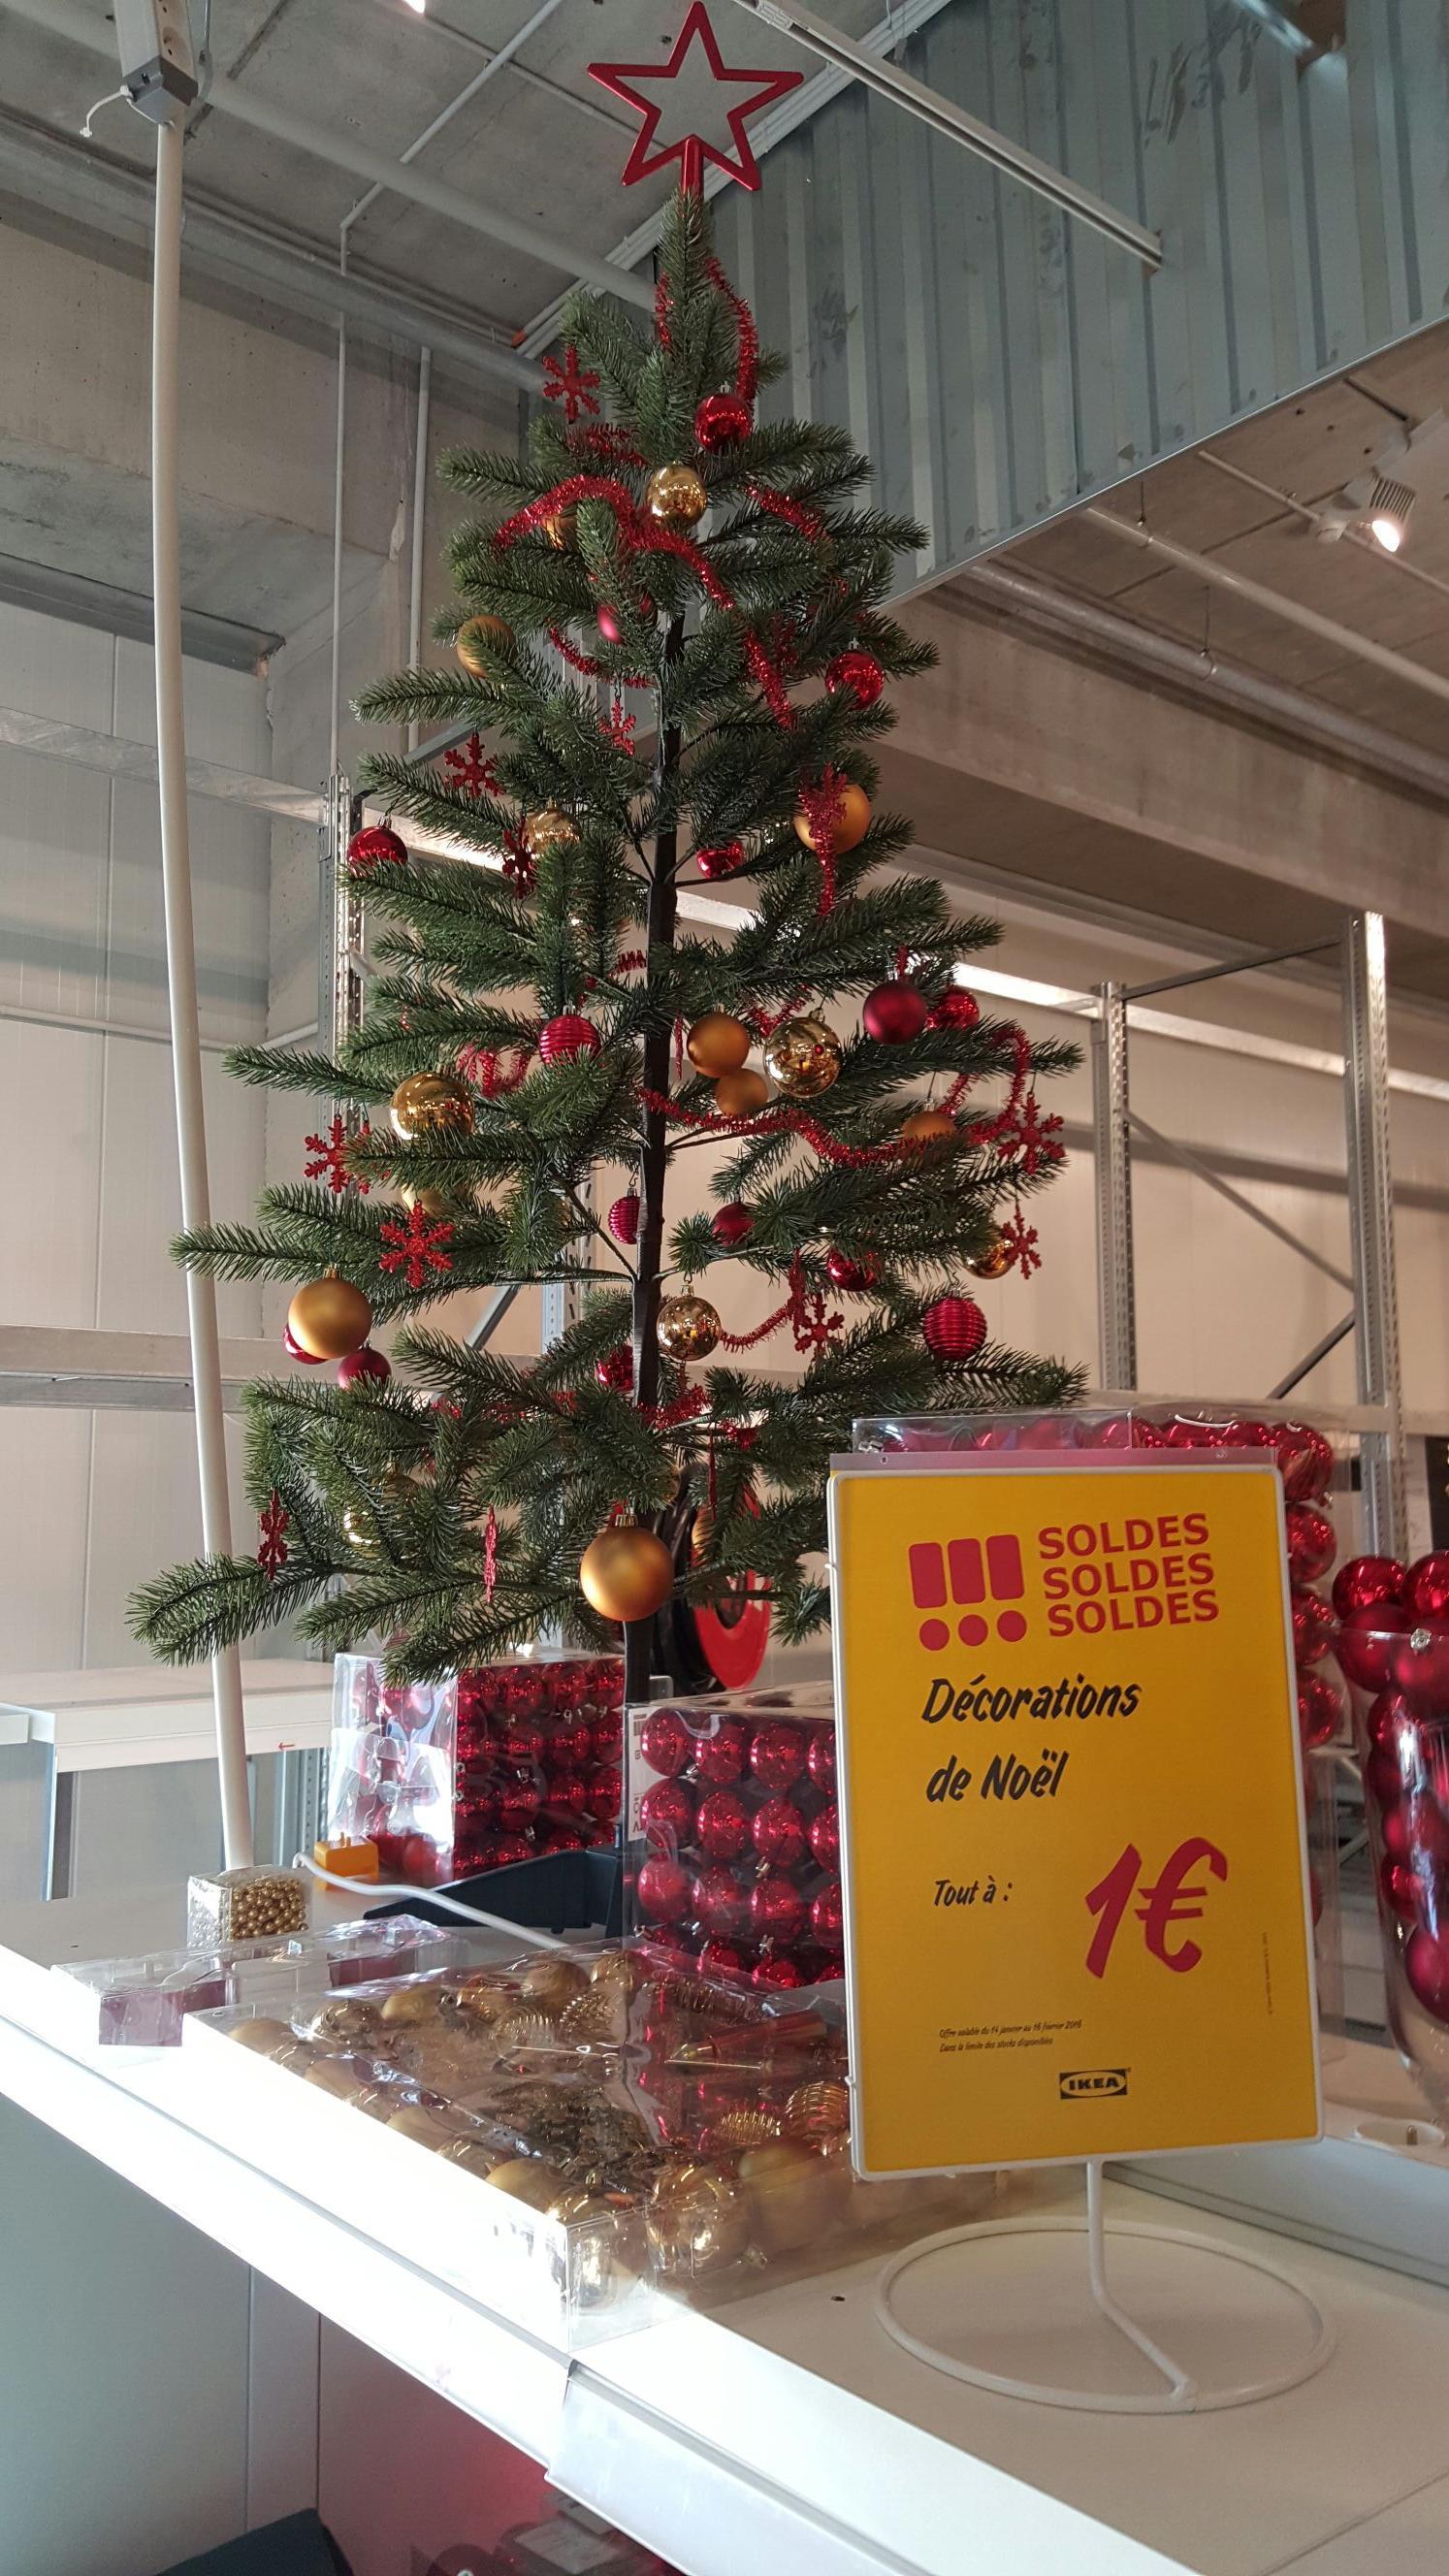 Toutes les décorations de Noël (sapin artificiel de 1,55 mètres, bougies, boules...)